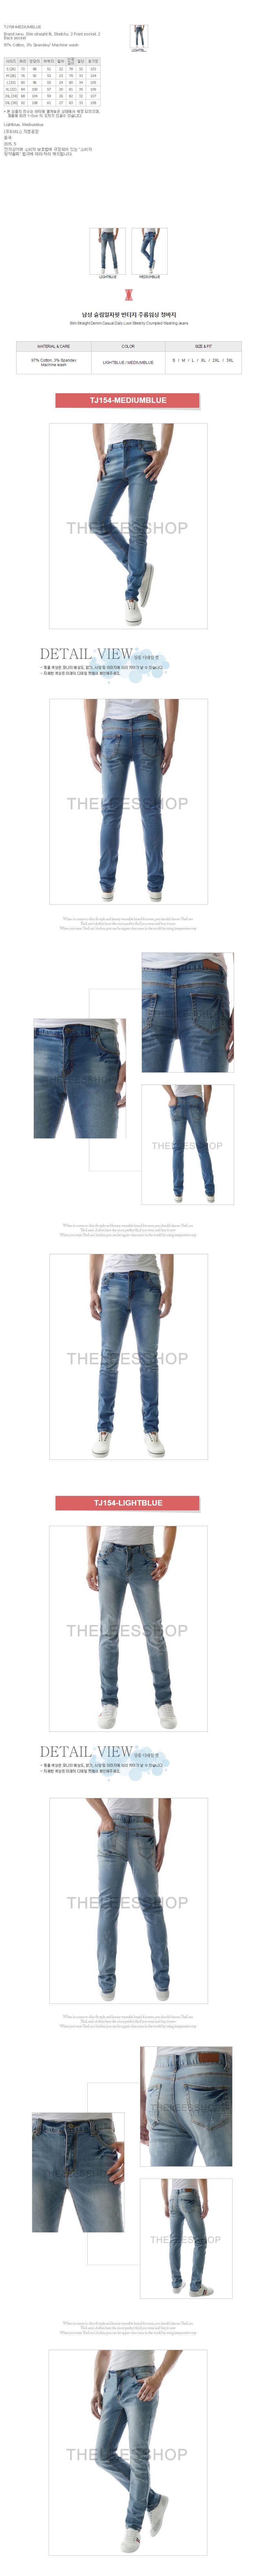 [ KOOLLOOK ] [ KoolLook ] Vintage 水洗牛仔裤 TJ154